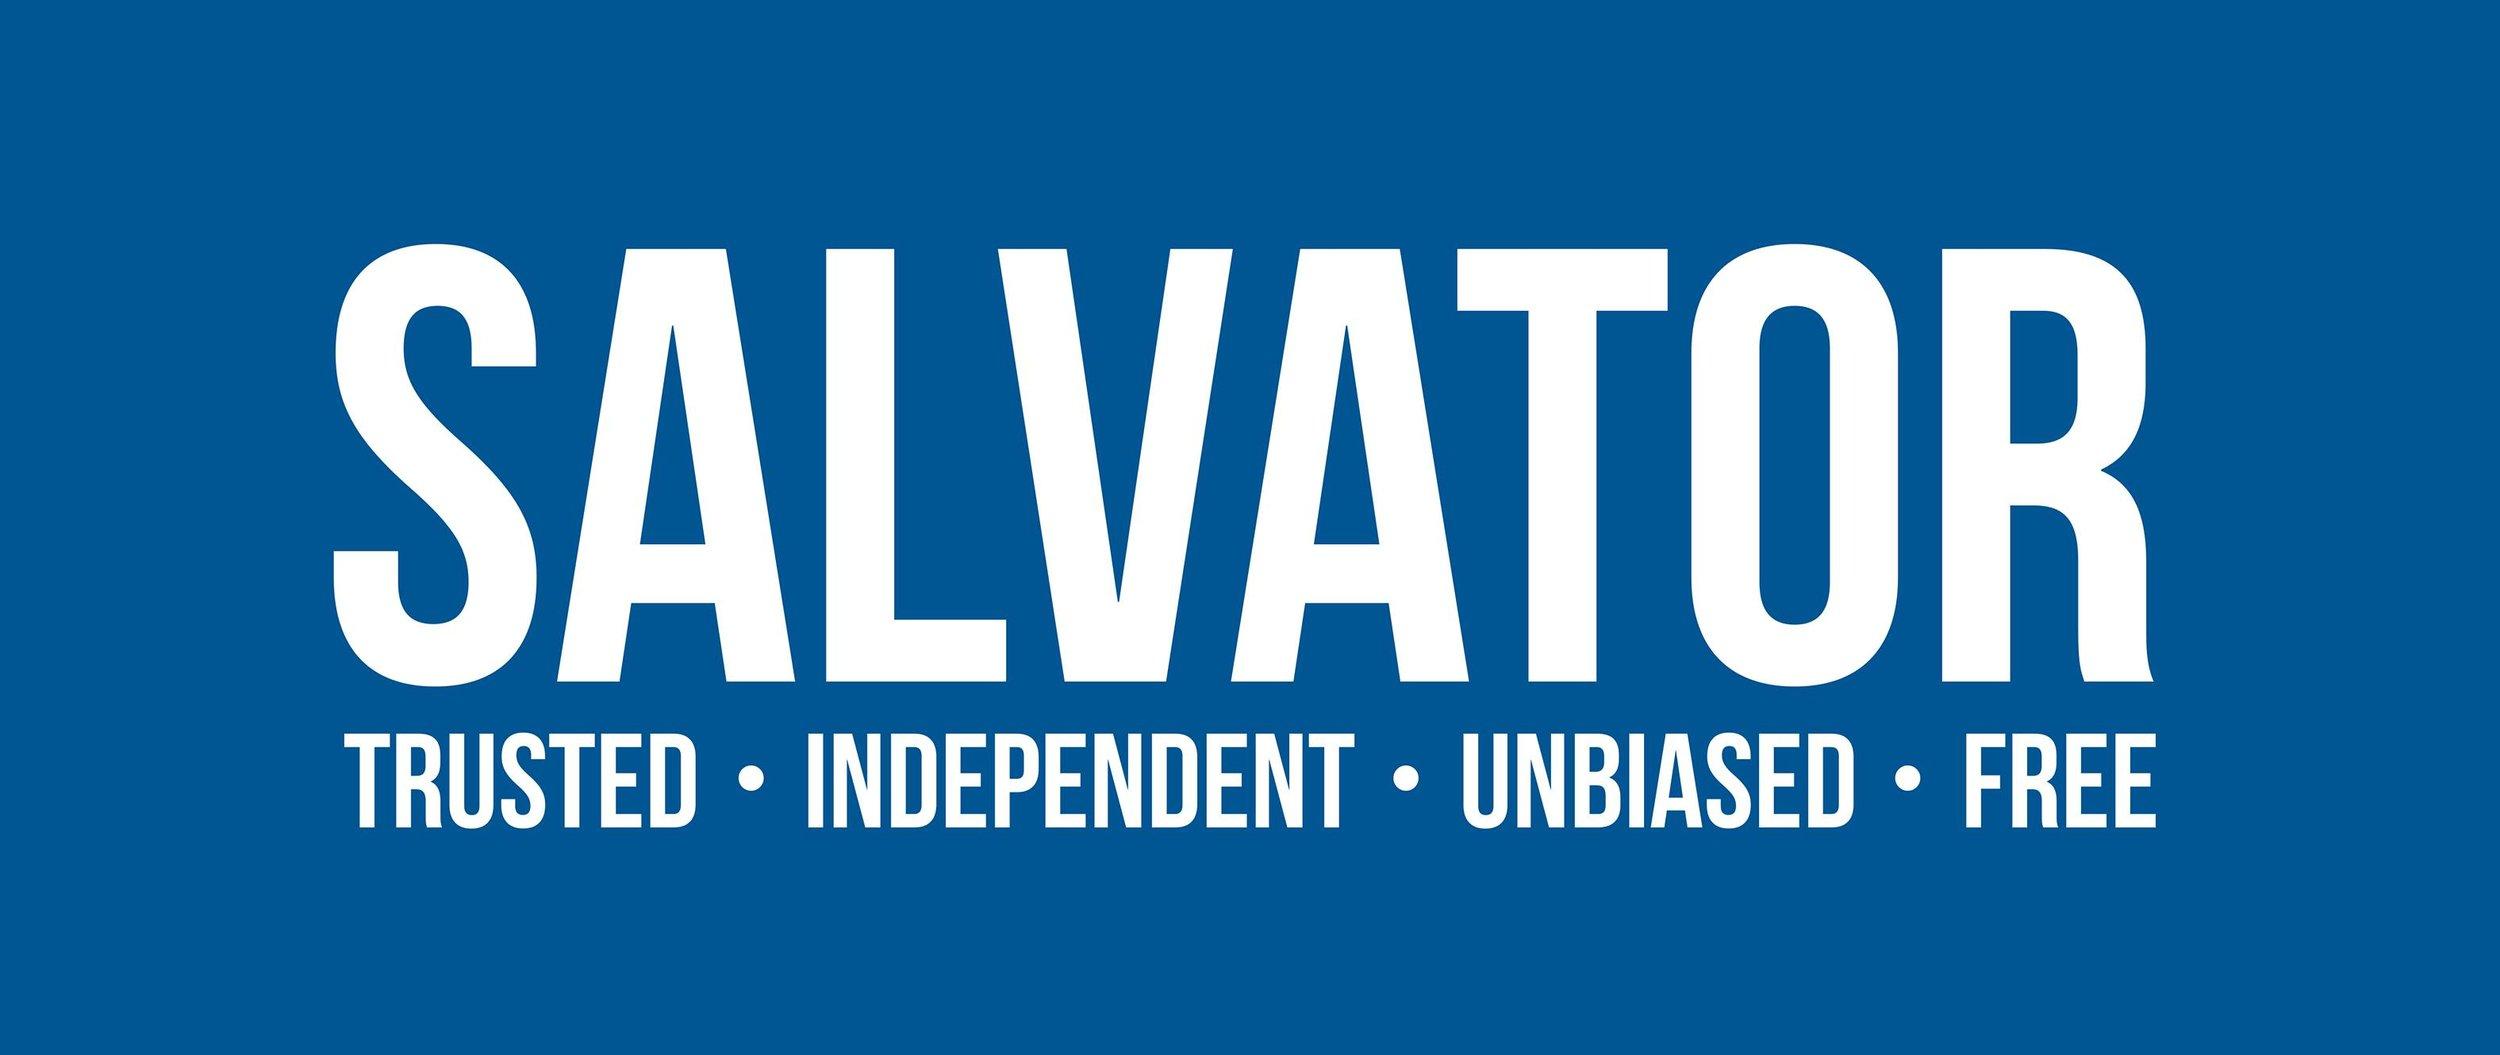 Salvator Writers Group.jpg